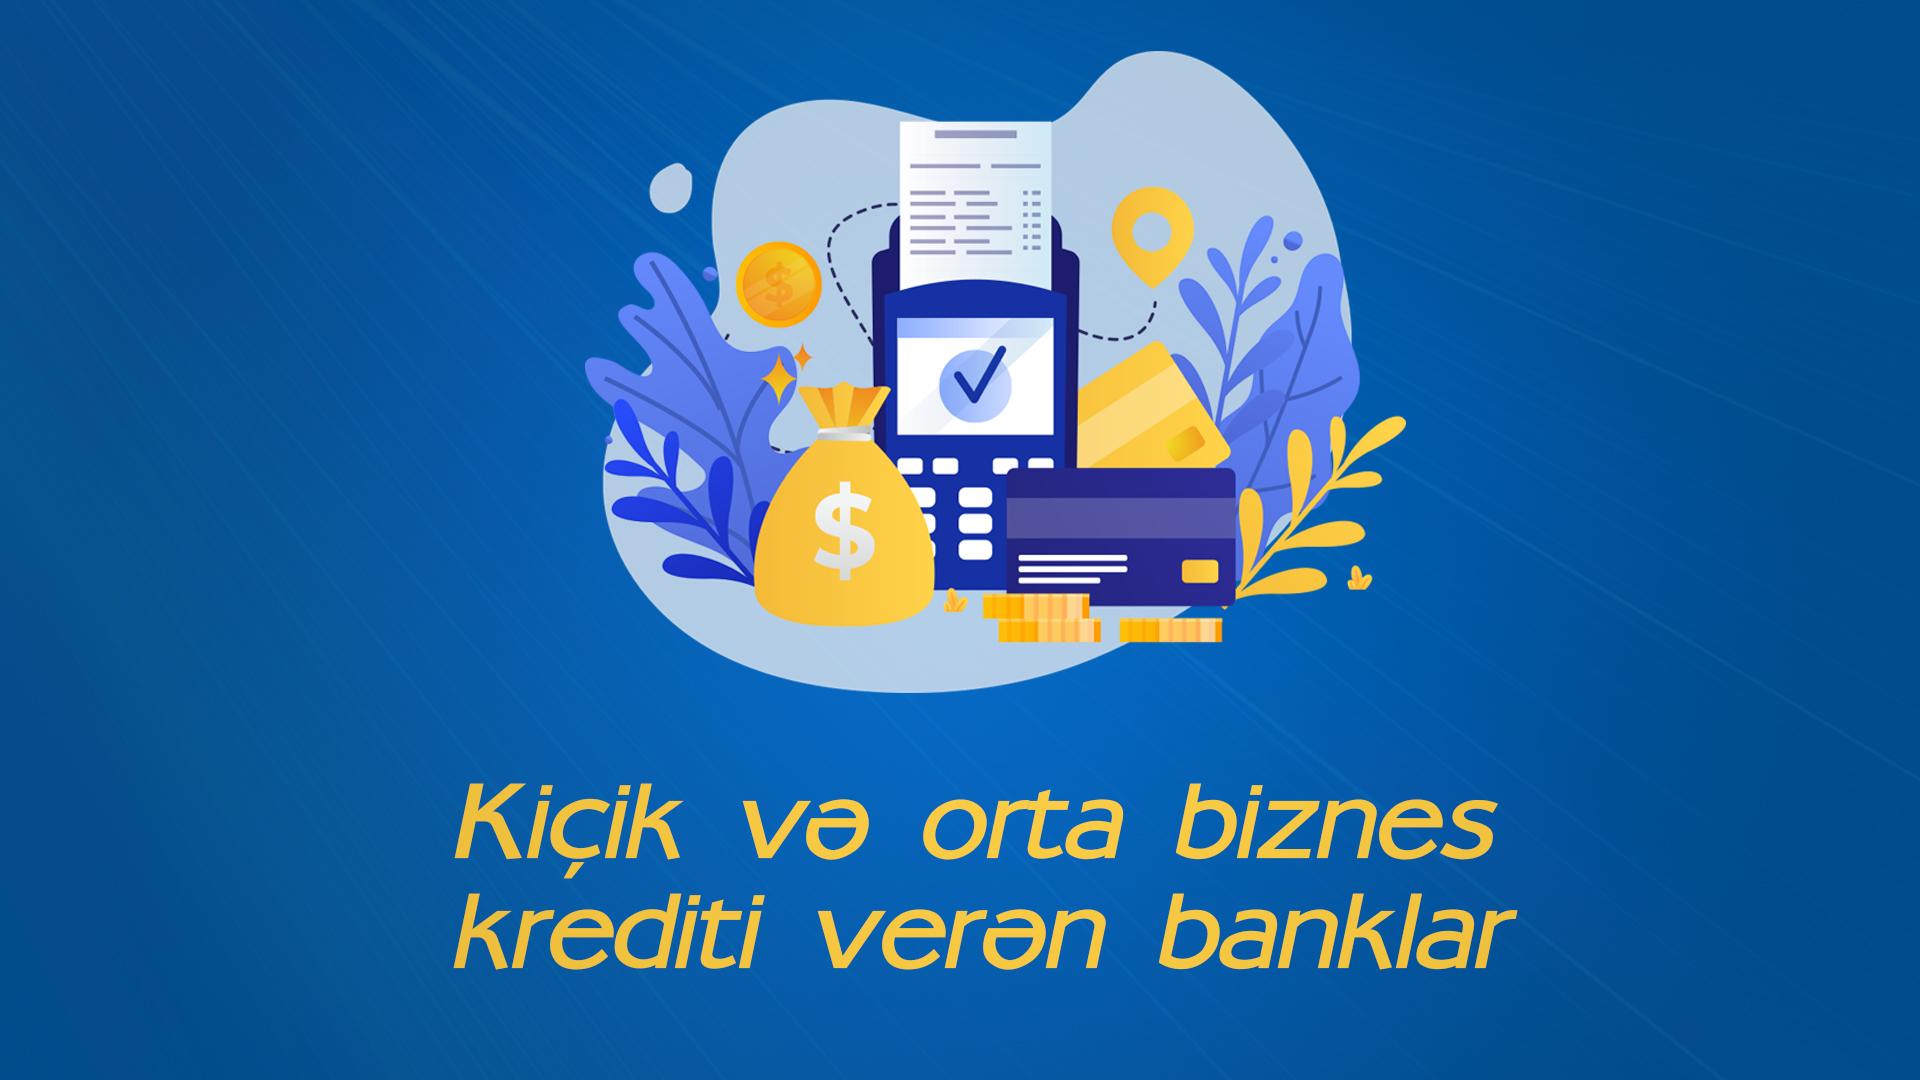 Banklar hansı şərtlərlə kİçik və orta biznes krediti təklif edir?